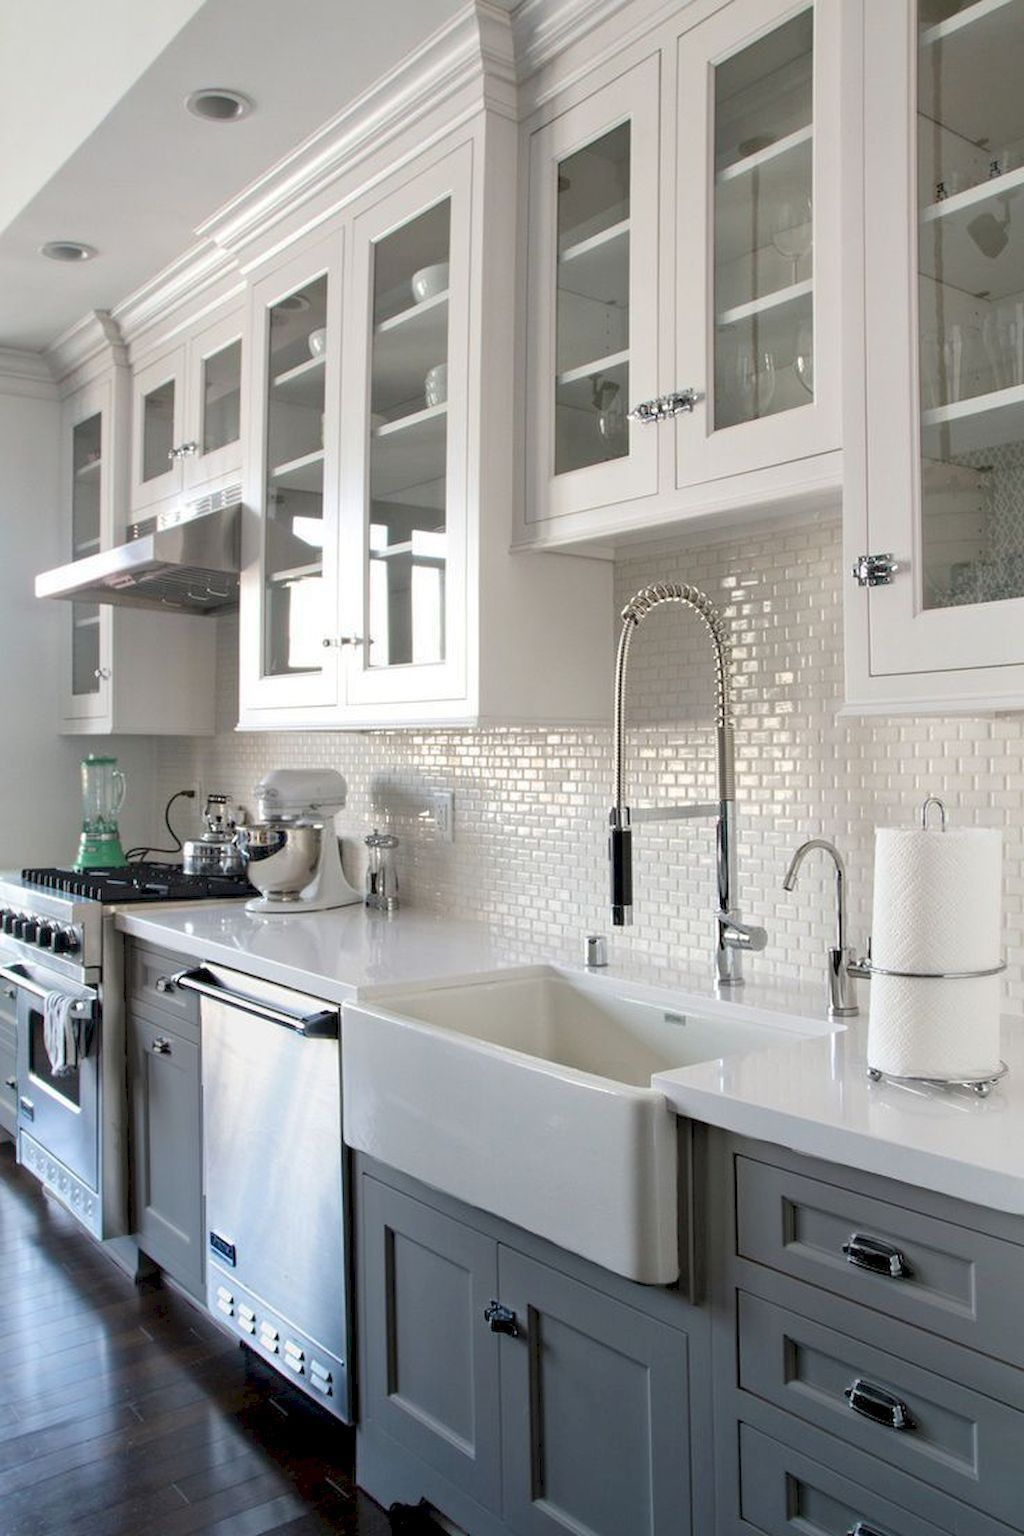 Küchenideen bauernhaus kitchen ideas  küche  pinterest  schrank küchen ideen und haus